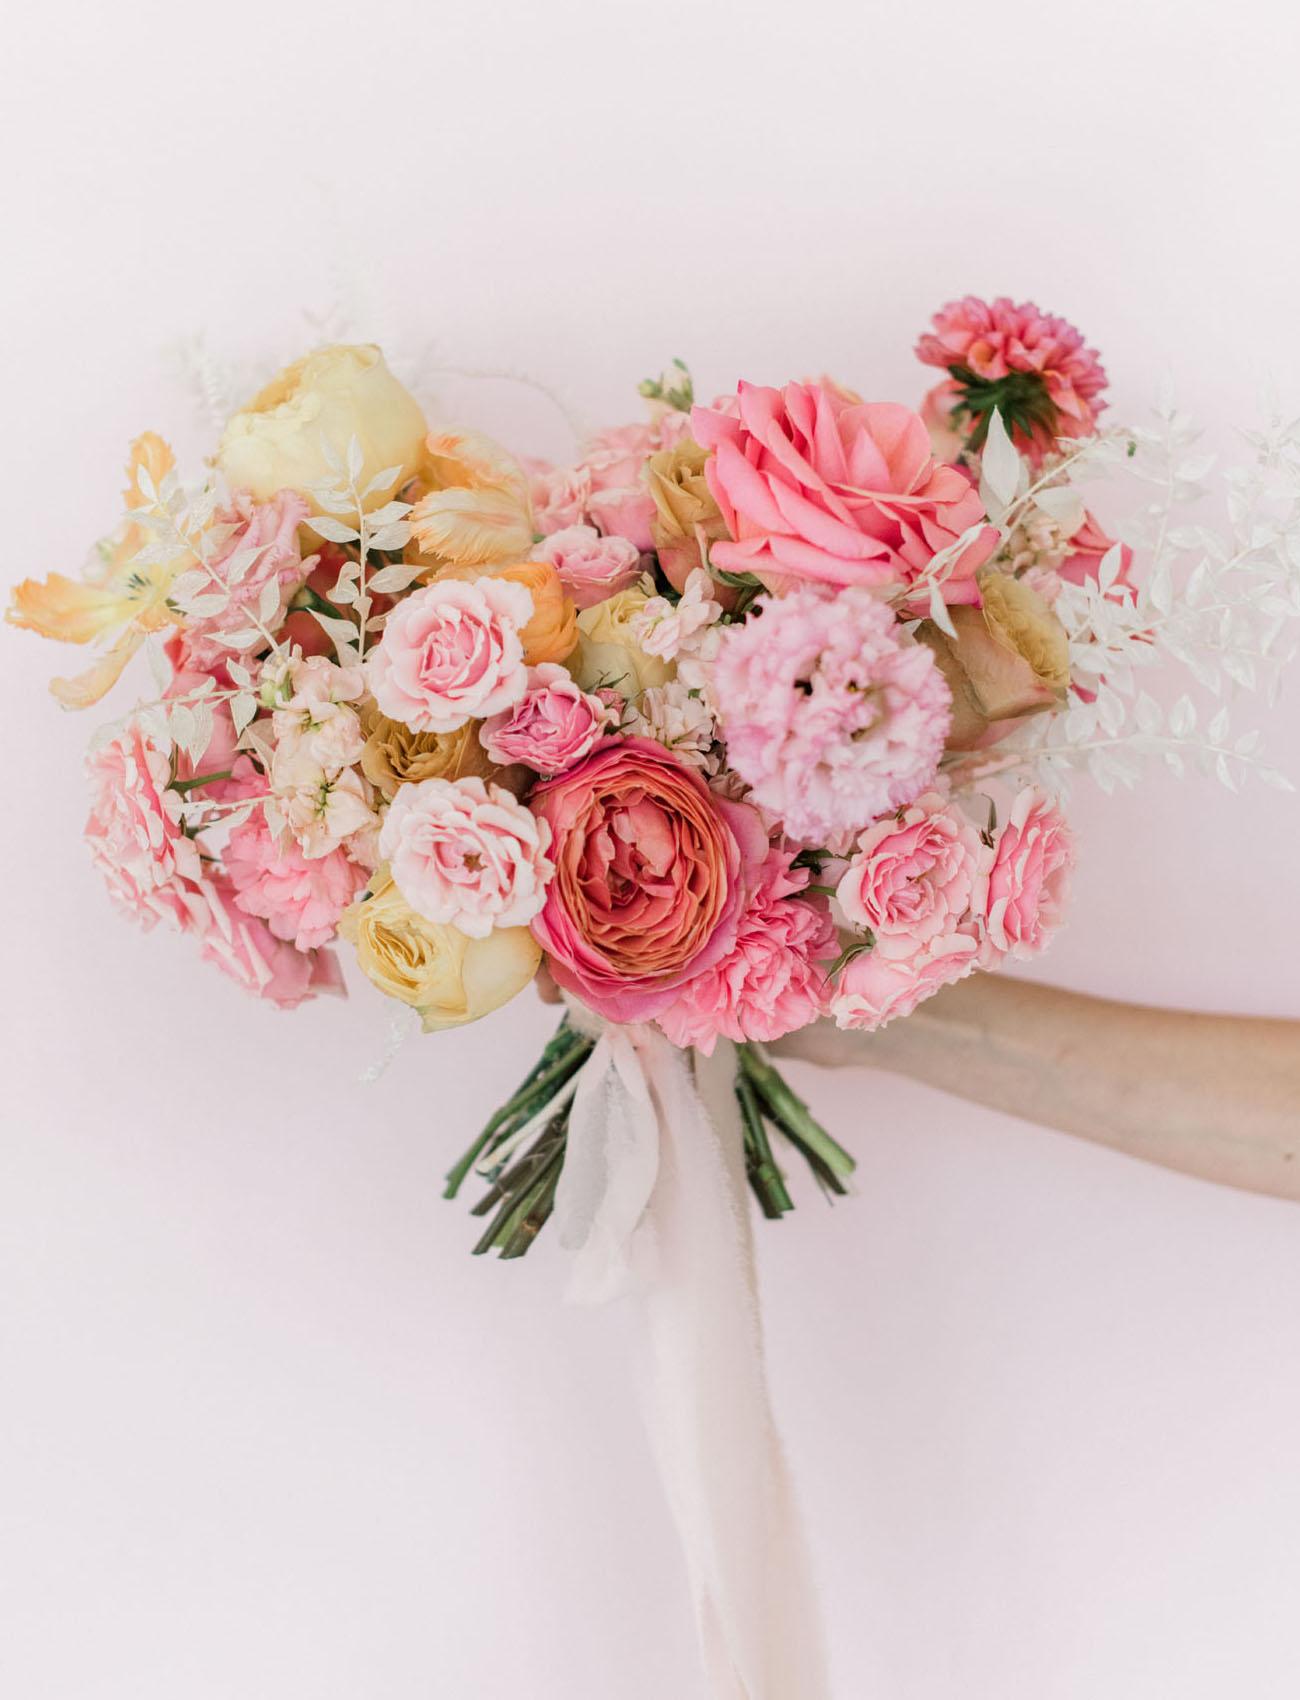 Millennial Pink Bridal Bouquet